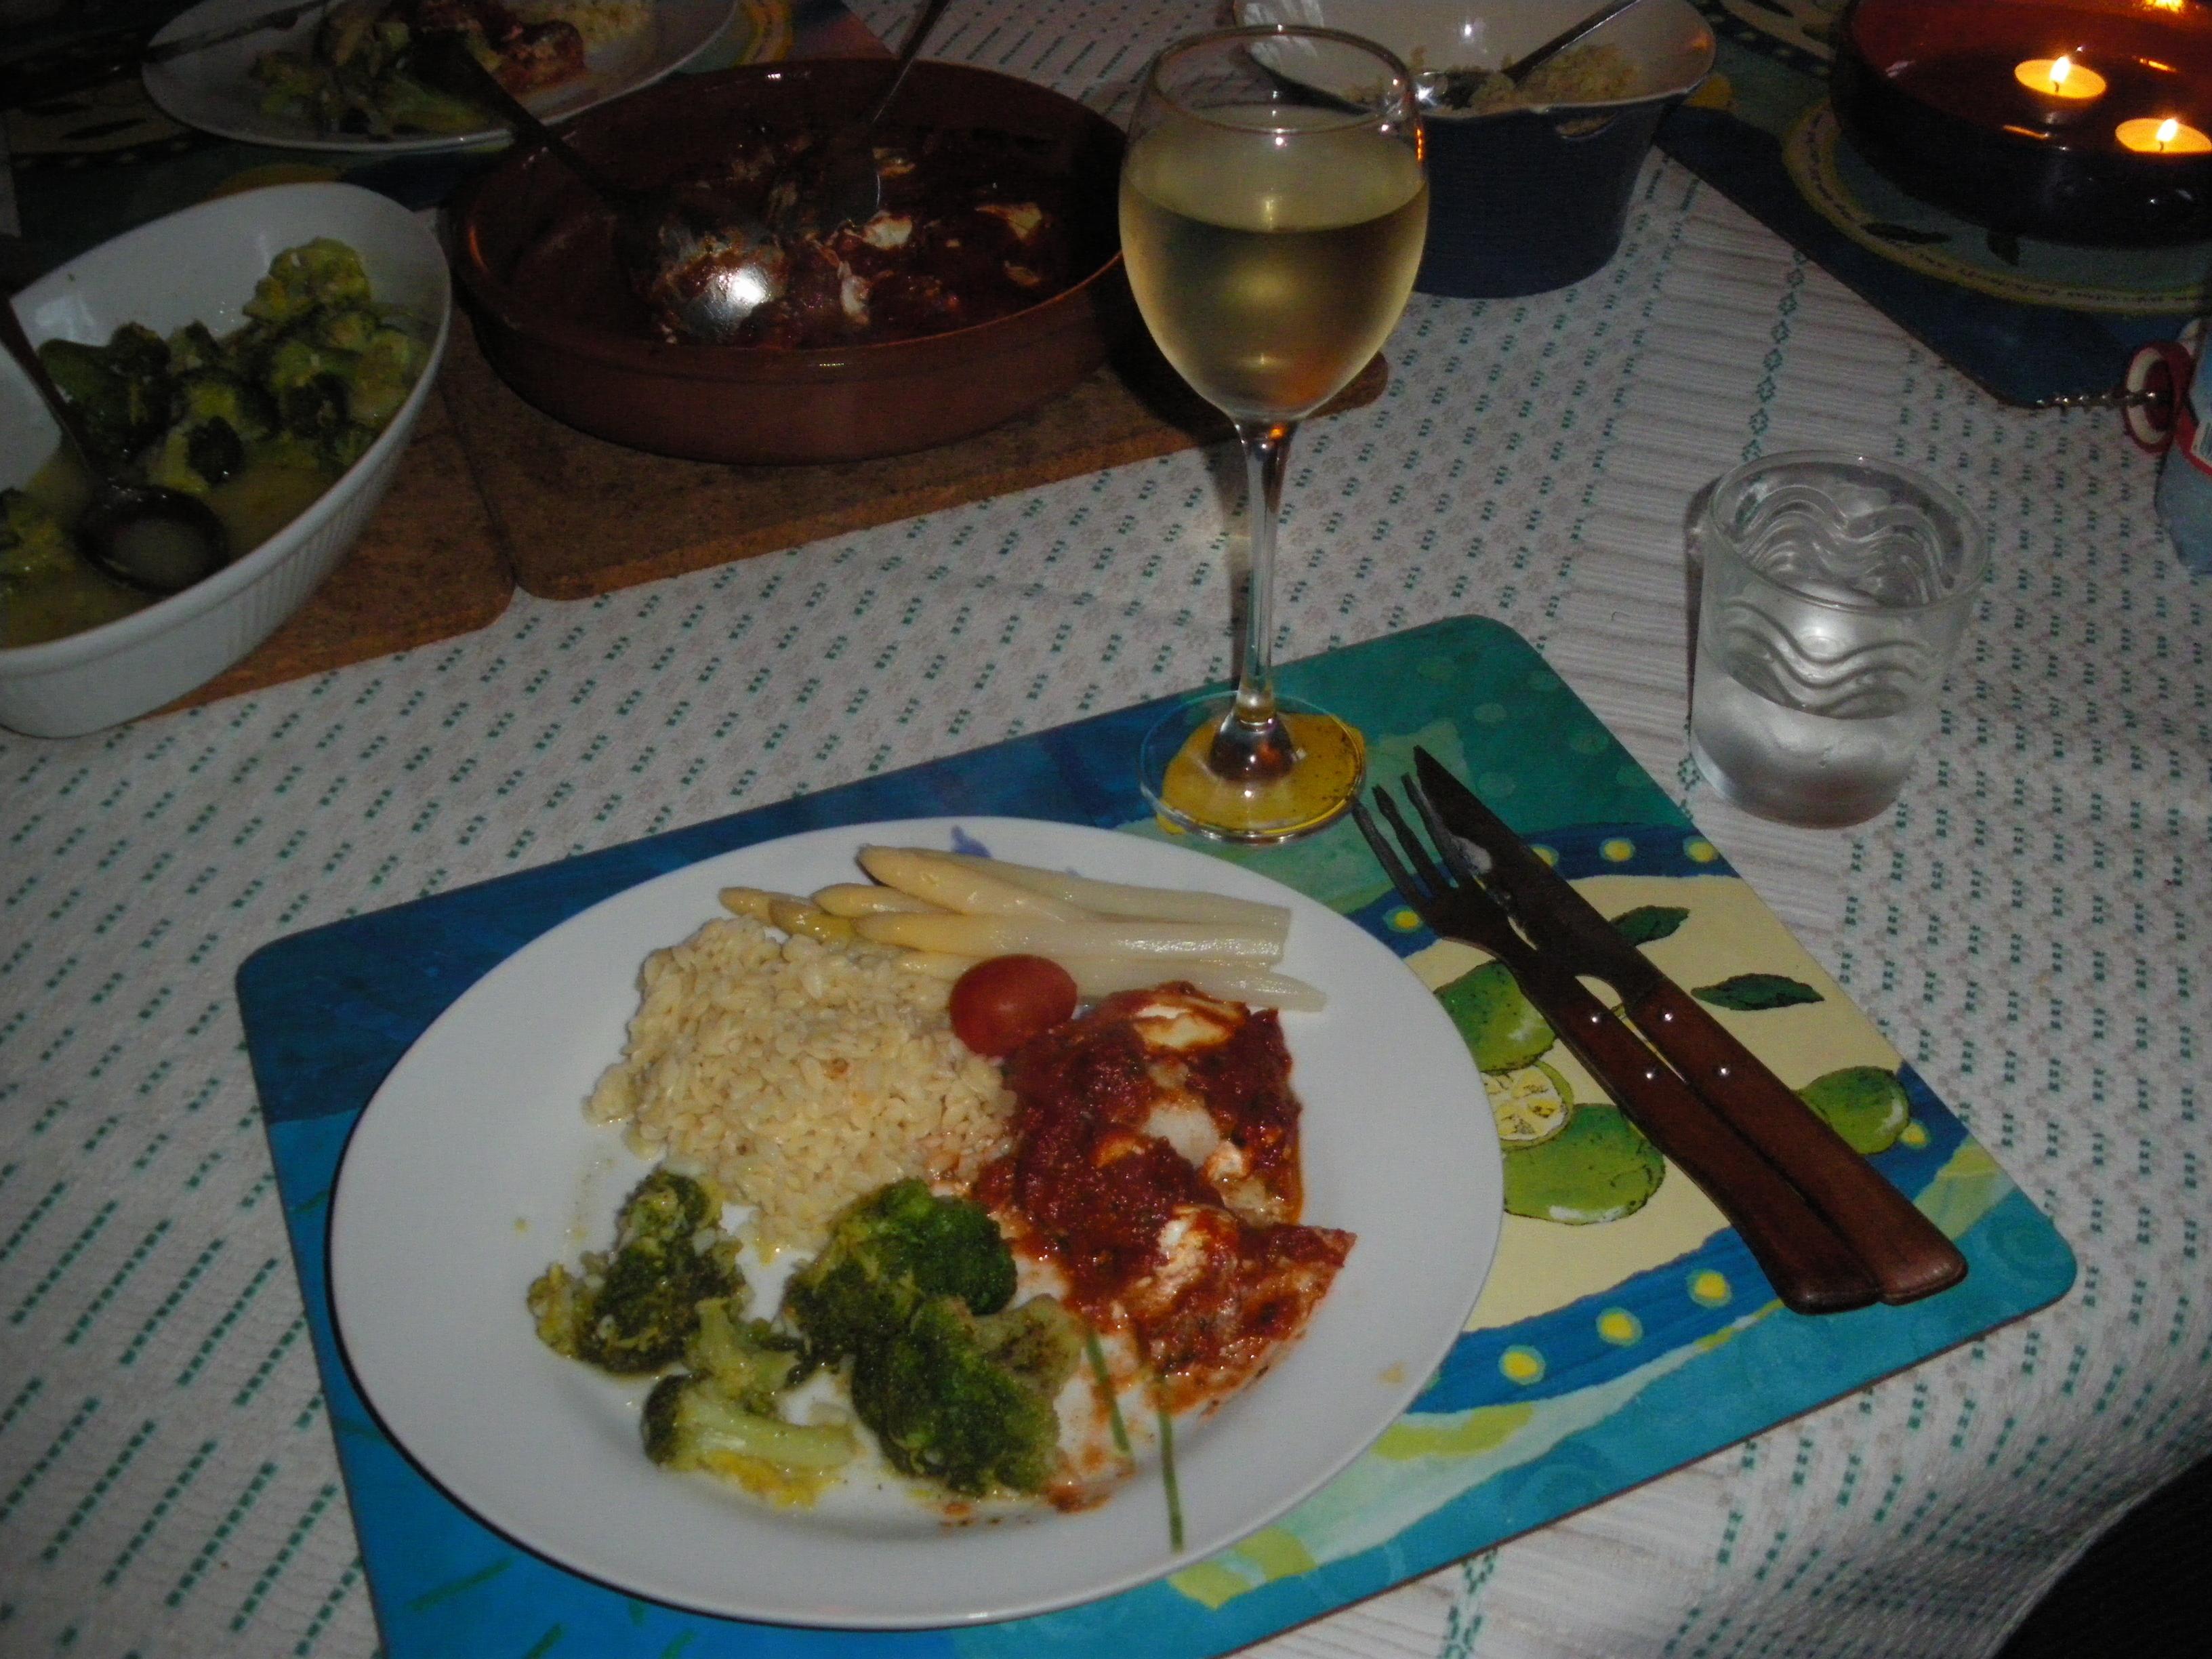 Grekisk fiskgratäng med ugnsrostad broccoli och ris